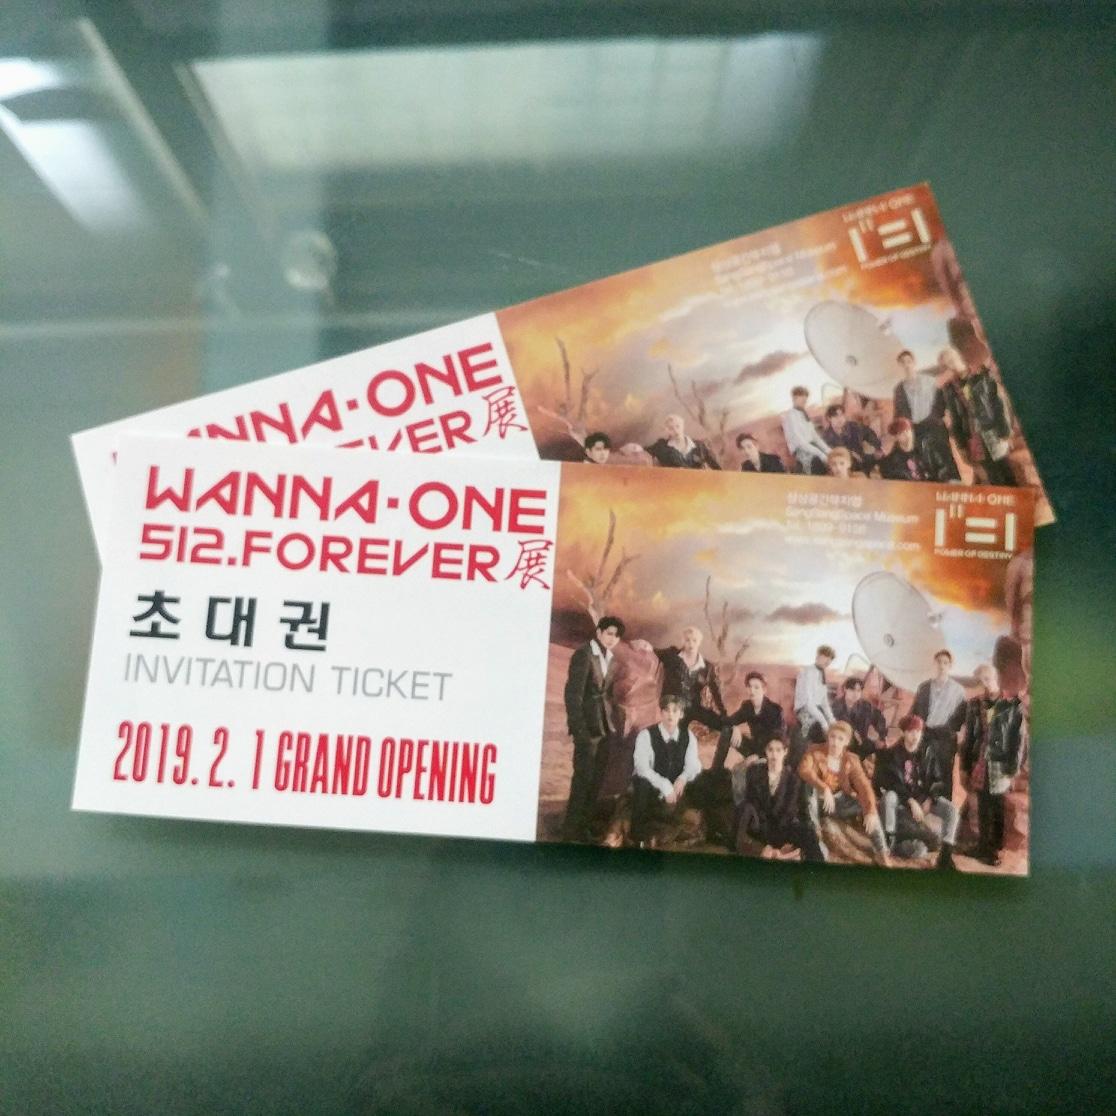 워너원 512 포에버 전시회 초대권